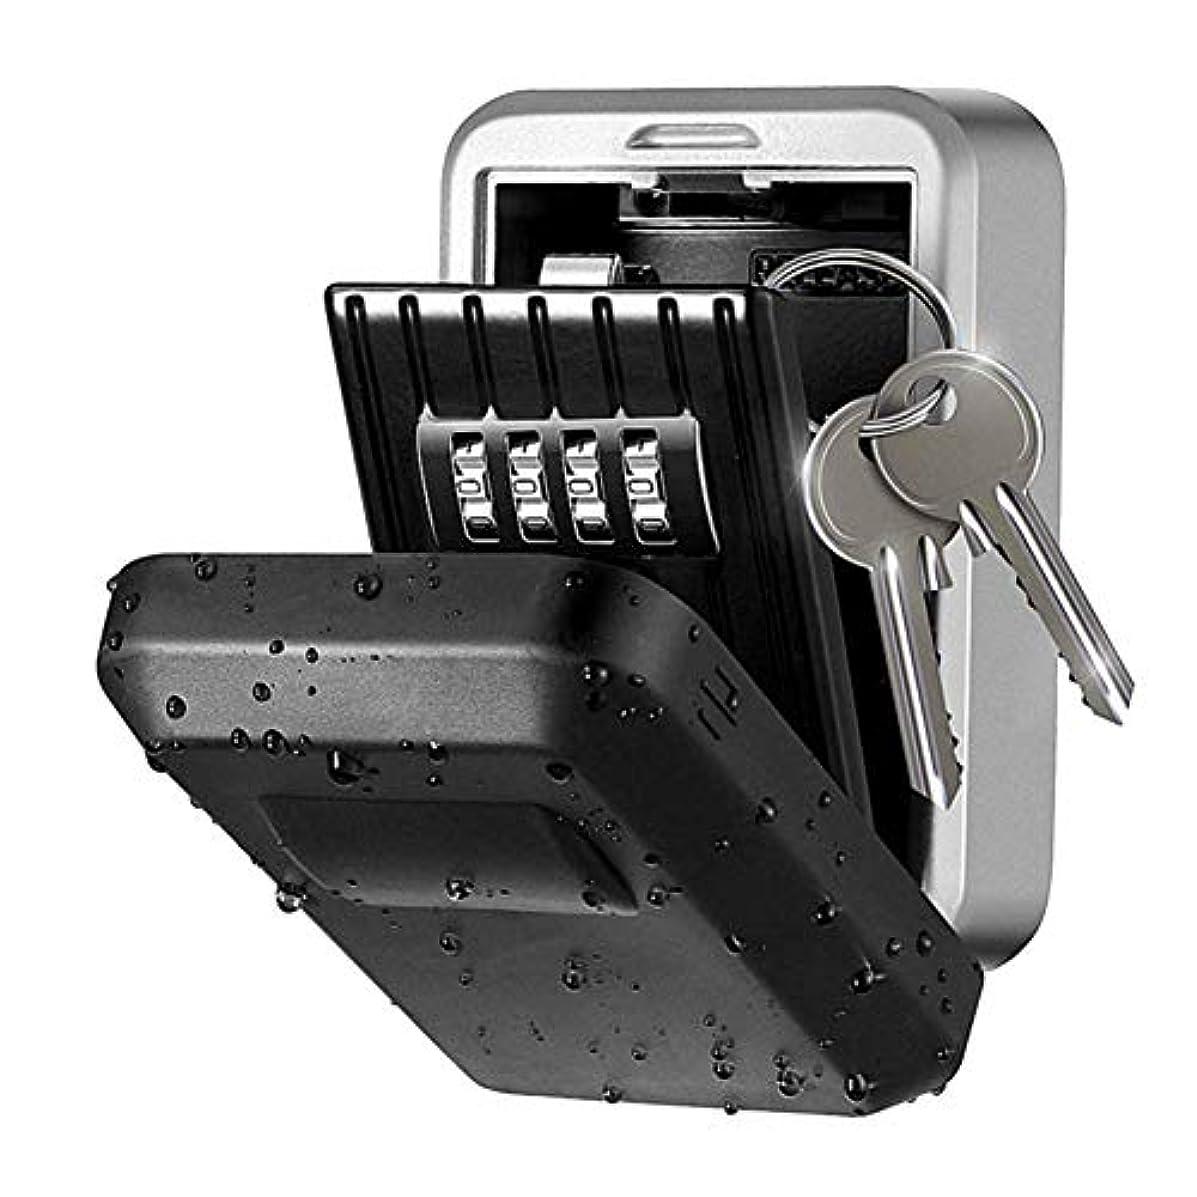 議会フライト警告Key Storage Box,ZOZOE Wall Mount Key Lock Box - Strong, Metal, Outdoors 4 Digit Combination Wall Mount Key Safe Security Storage Box for Sharing Keys Securely Indoor and Outdoor Home Office